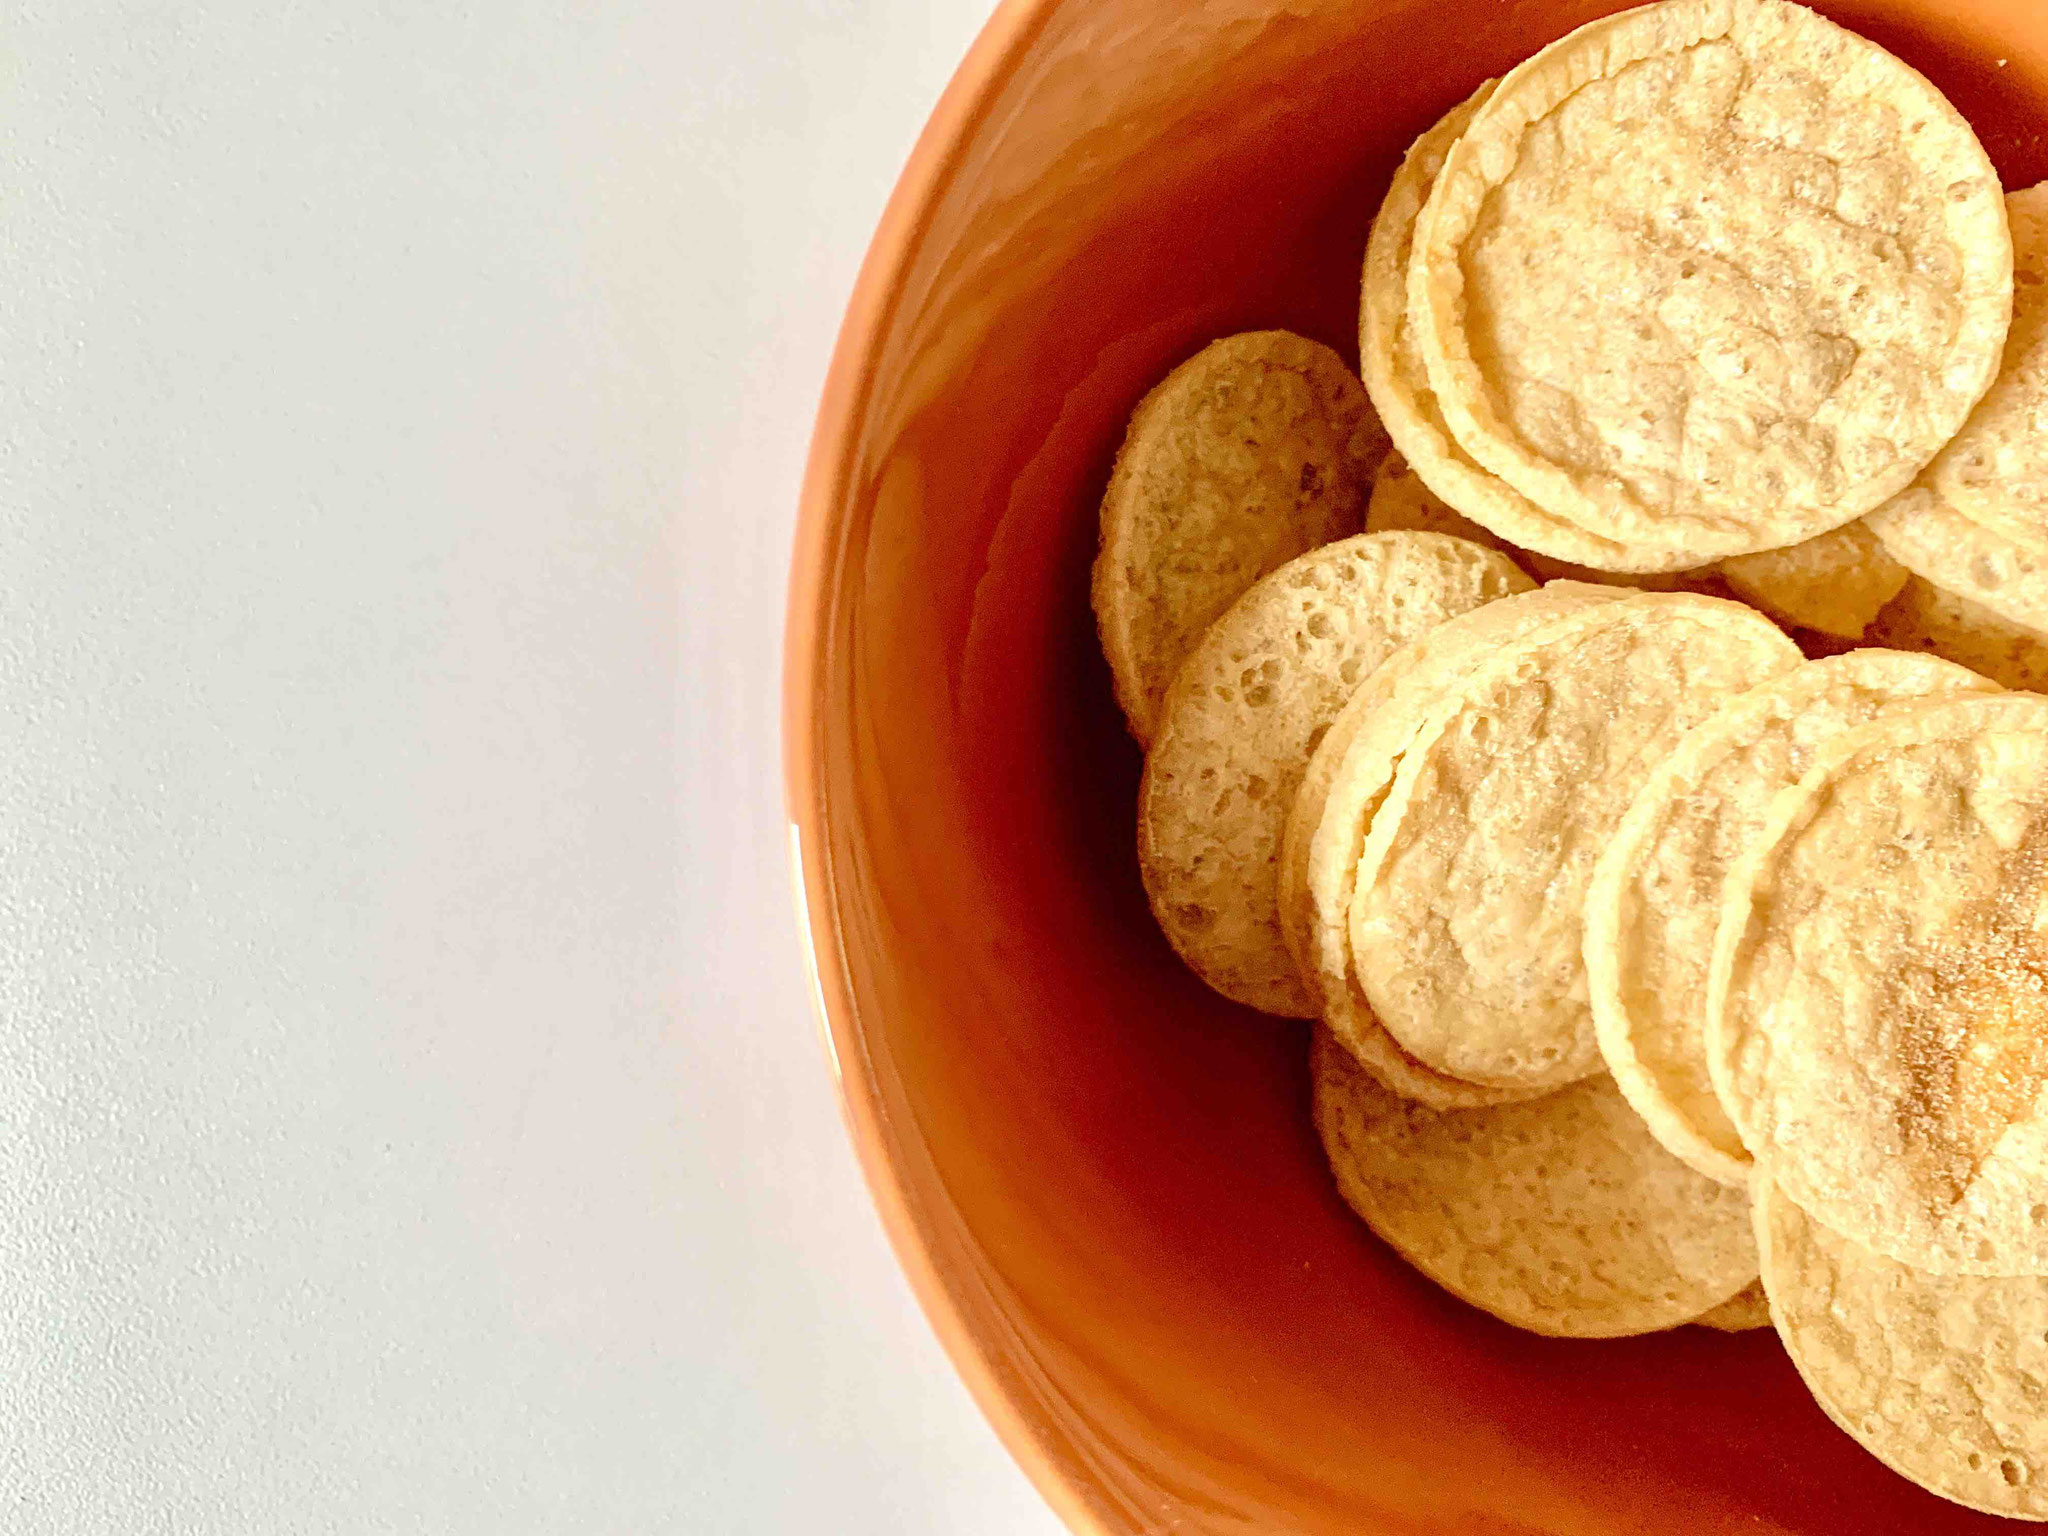 Proweightless Grillhühnchen Chips